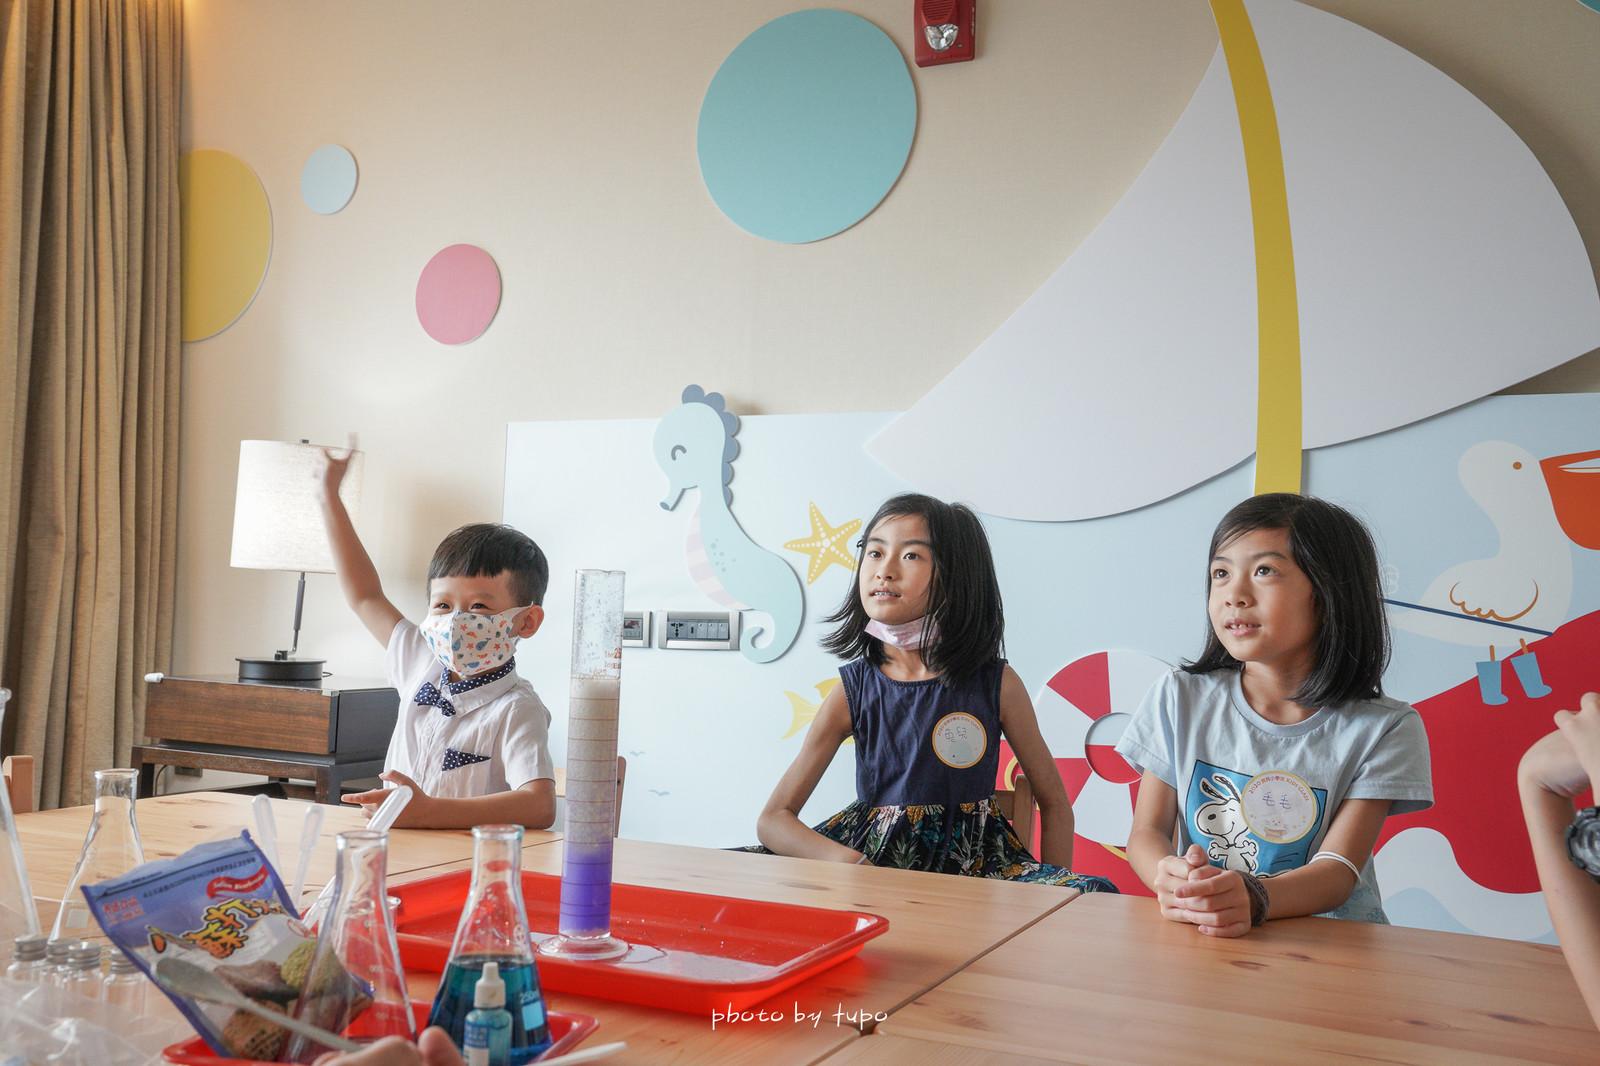 台北住宿》台北喜來登大飯店「寶貝小學堂」入住豪華客房、空中泳池、十二廚吃到飽早餐、親子課程好好玩!